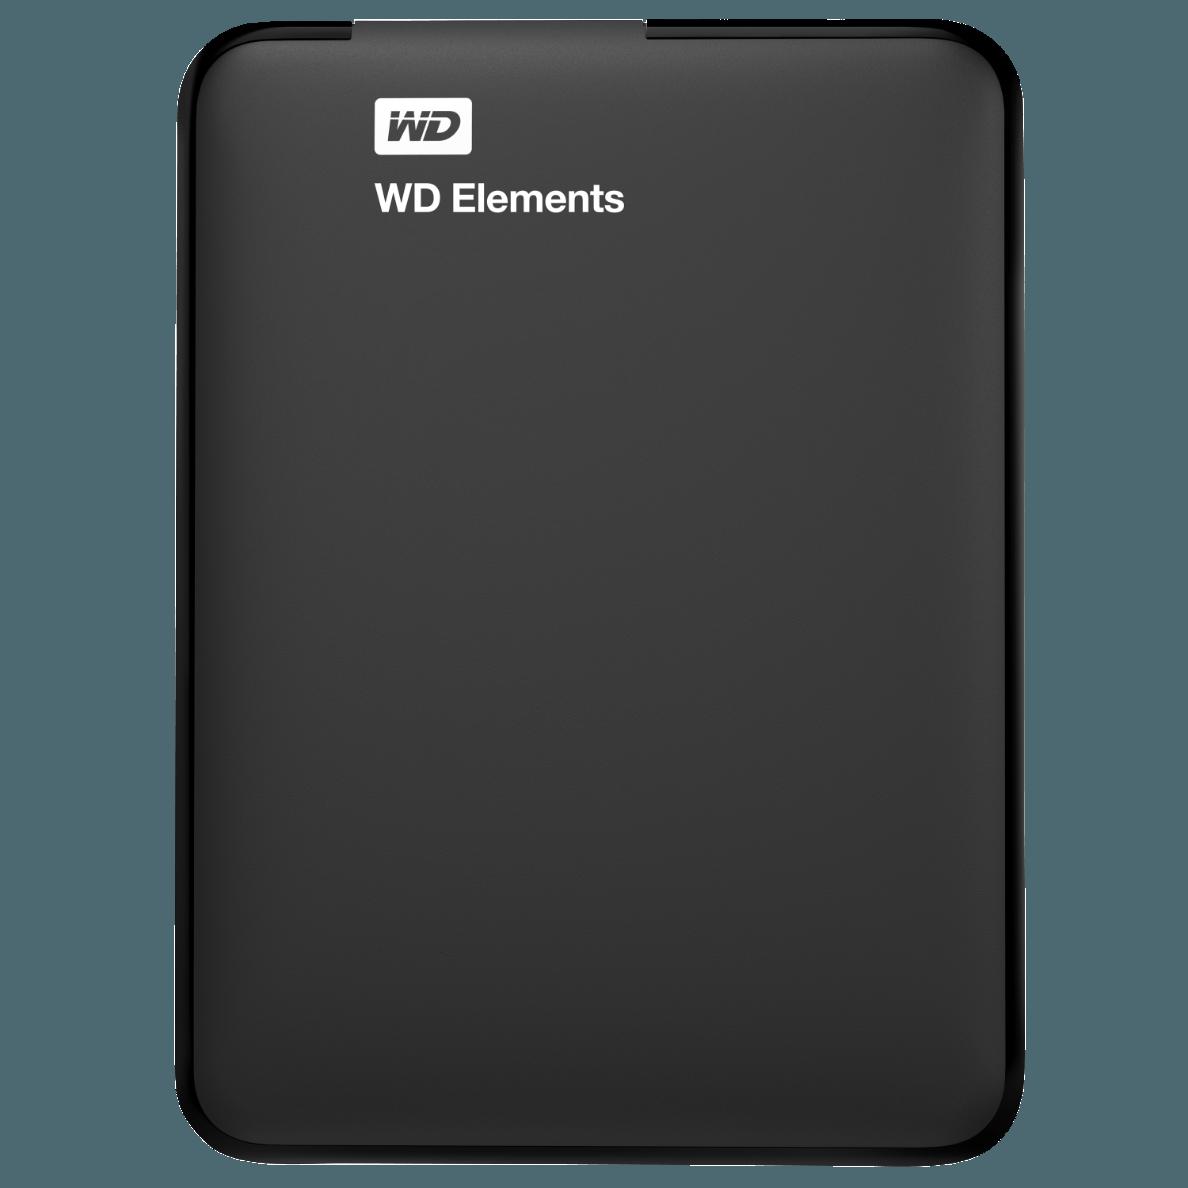 Wd Elements 1 5 Tb Hdd 2 5 Zoll Extern 00718037855417 Die Tragbaren Festplatten Wd Elements Mit Usb 3 0 Bieten Zuverlass Festplatte Externe Festplatte Usb